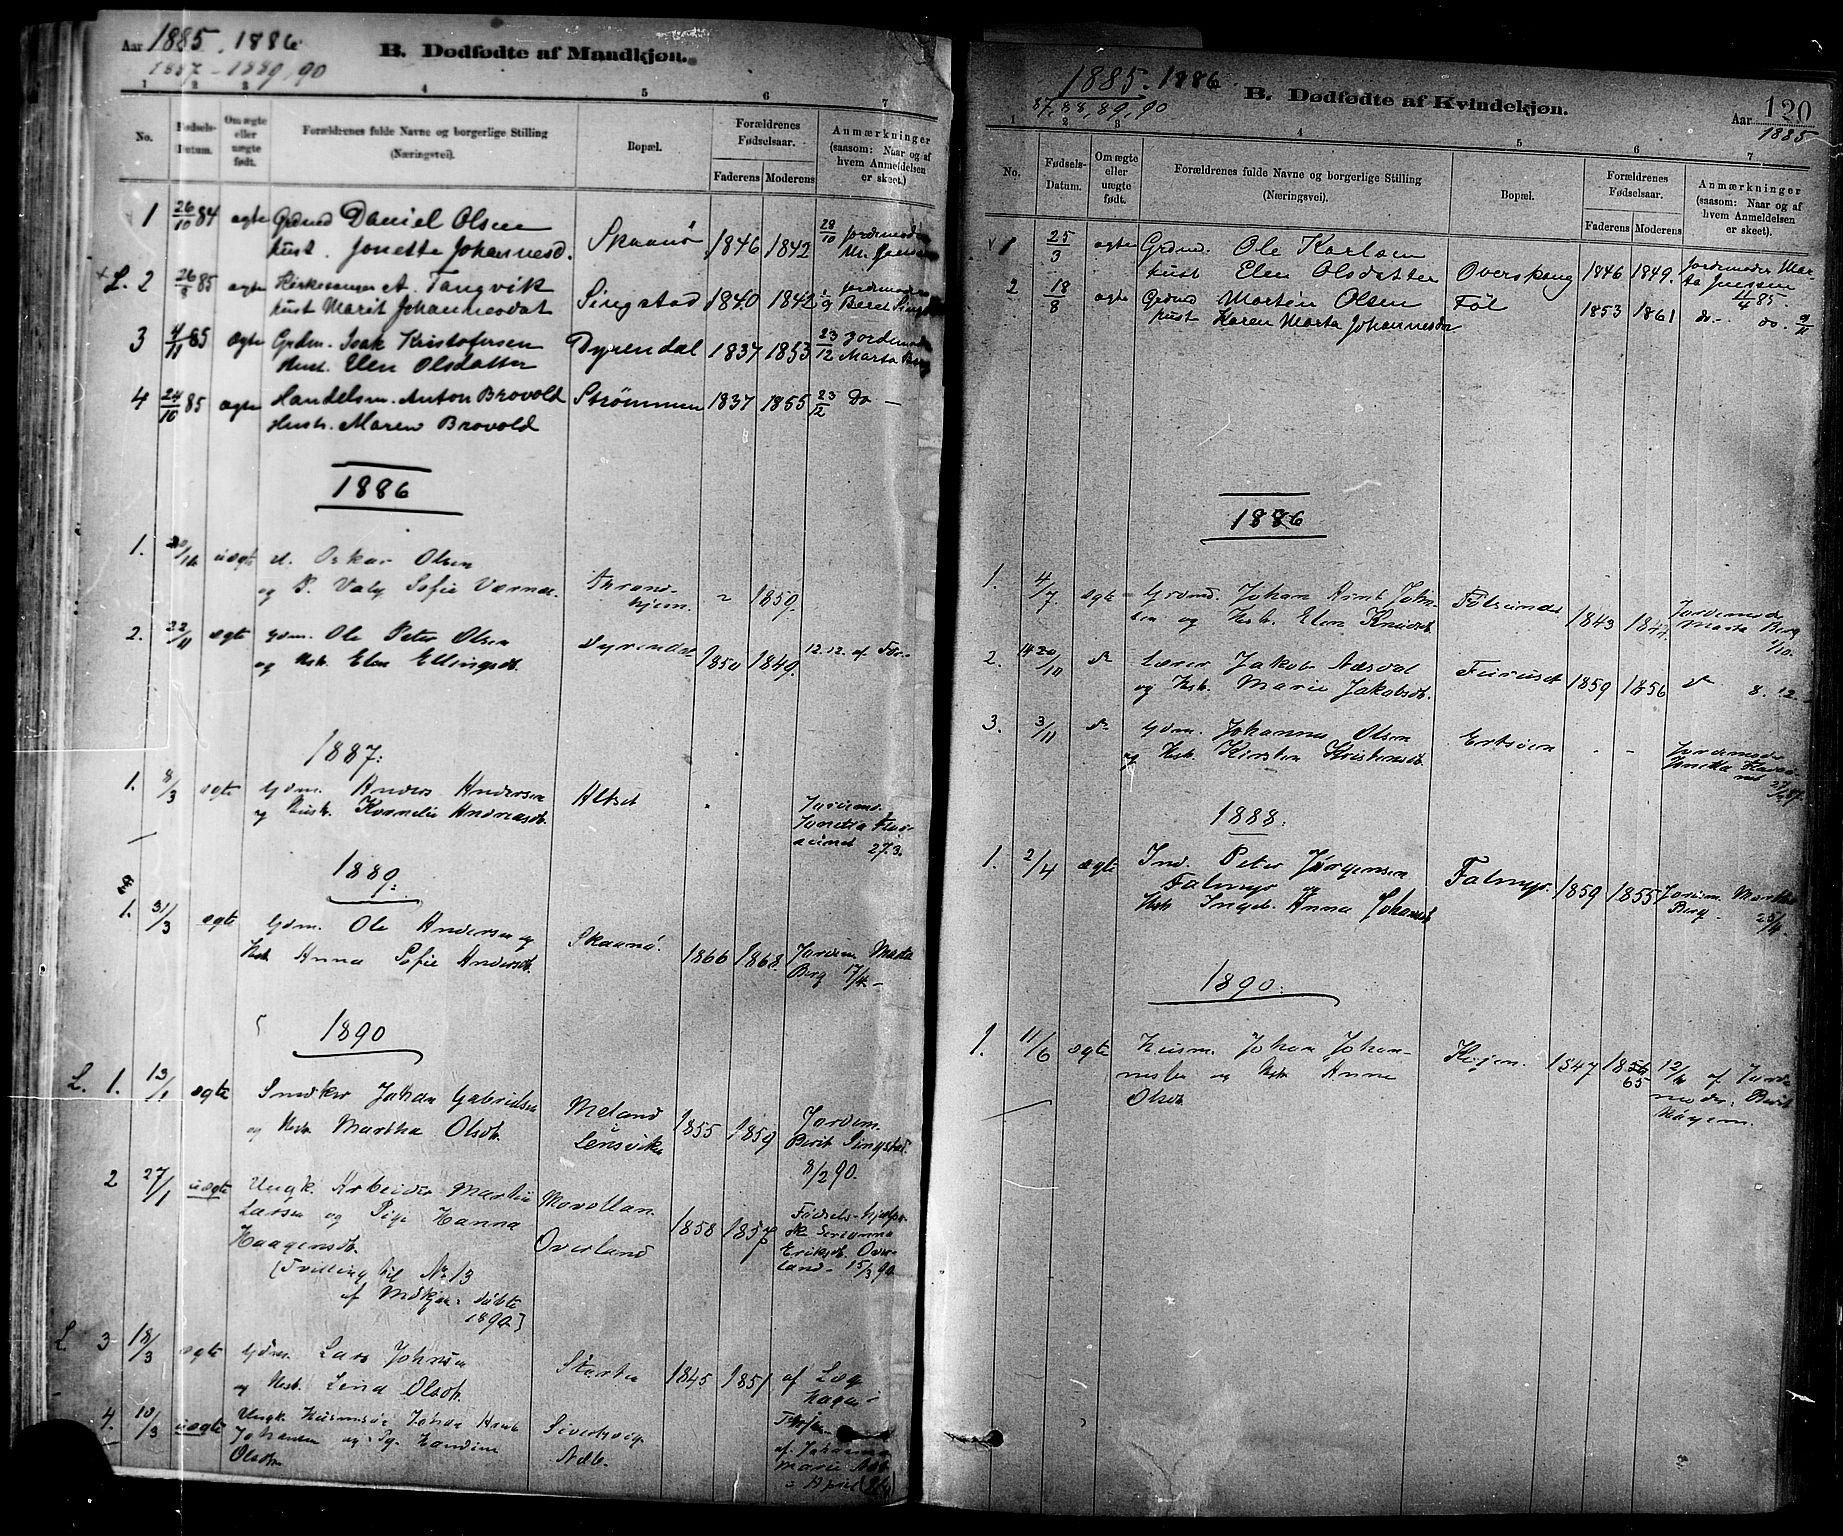 SAT, Ministerialprotokoller, klokkerbøker og fødselsregistre - Sør-Trøndelag, 647/L0634: Ministerialbok nr. 647A01, 1885-1896, s. 120